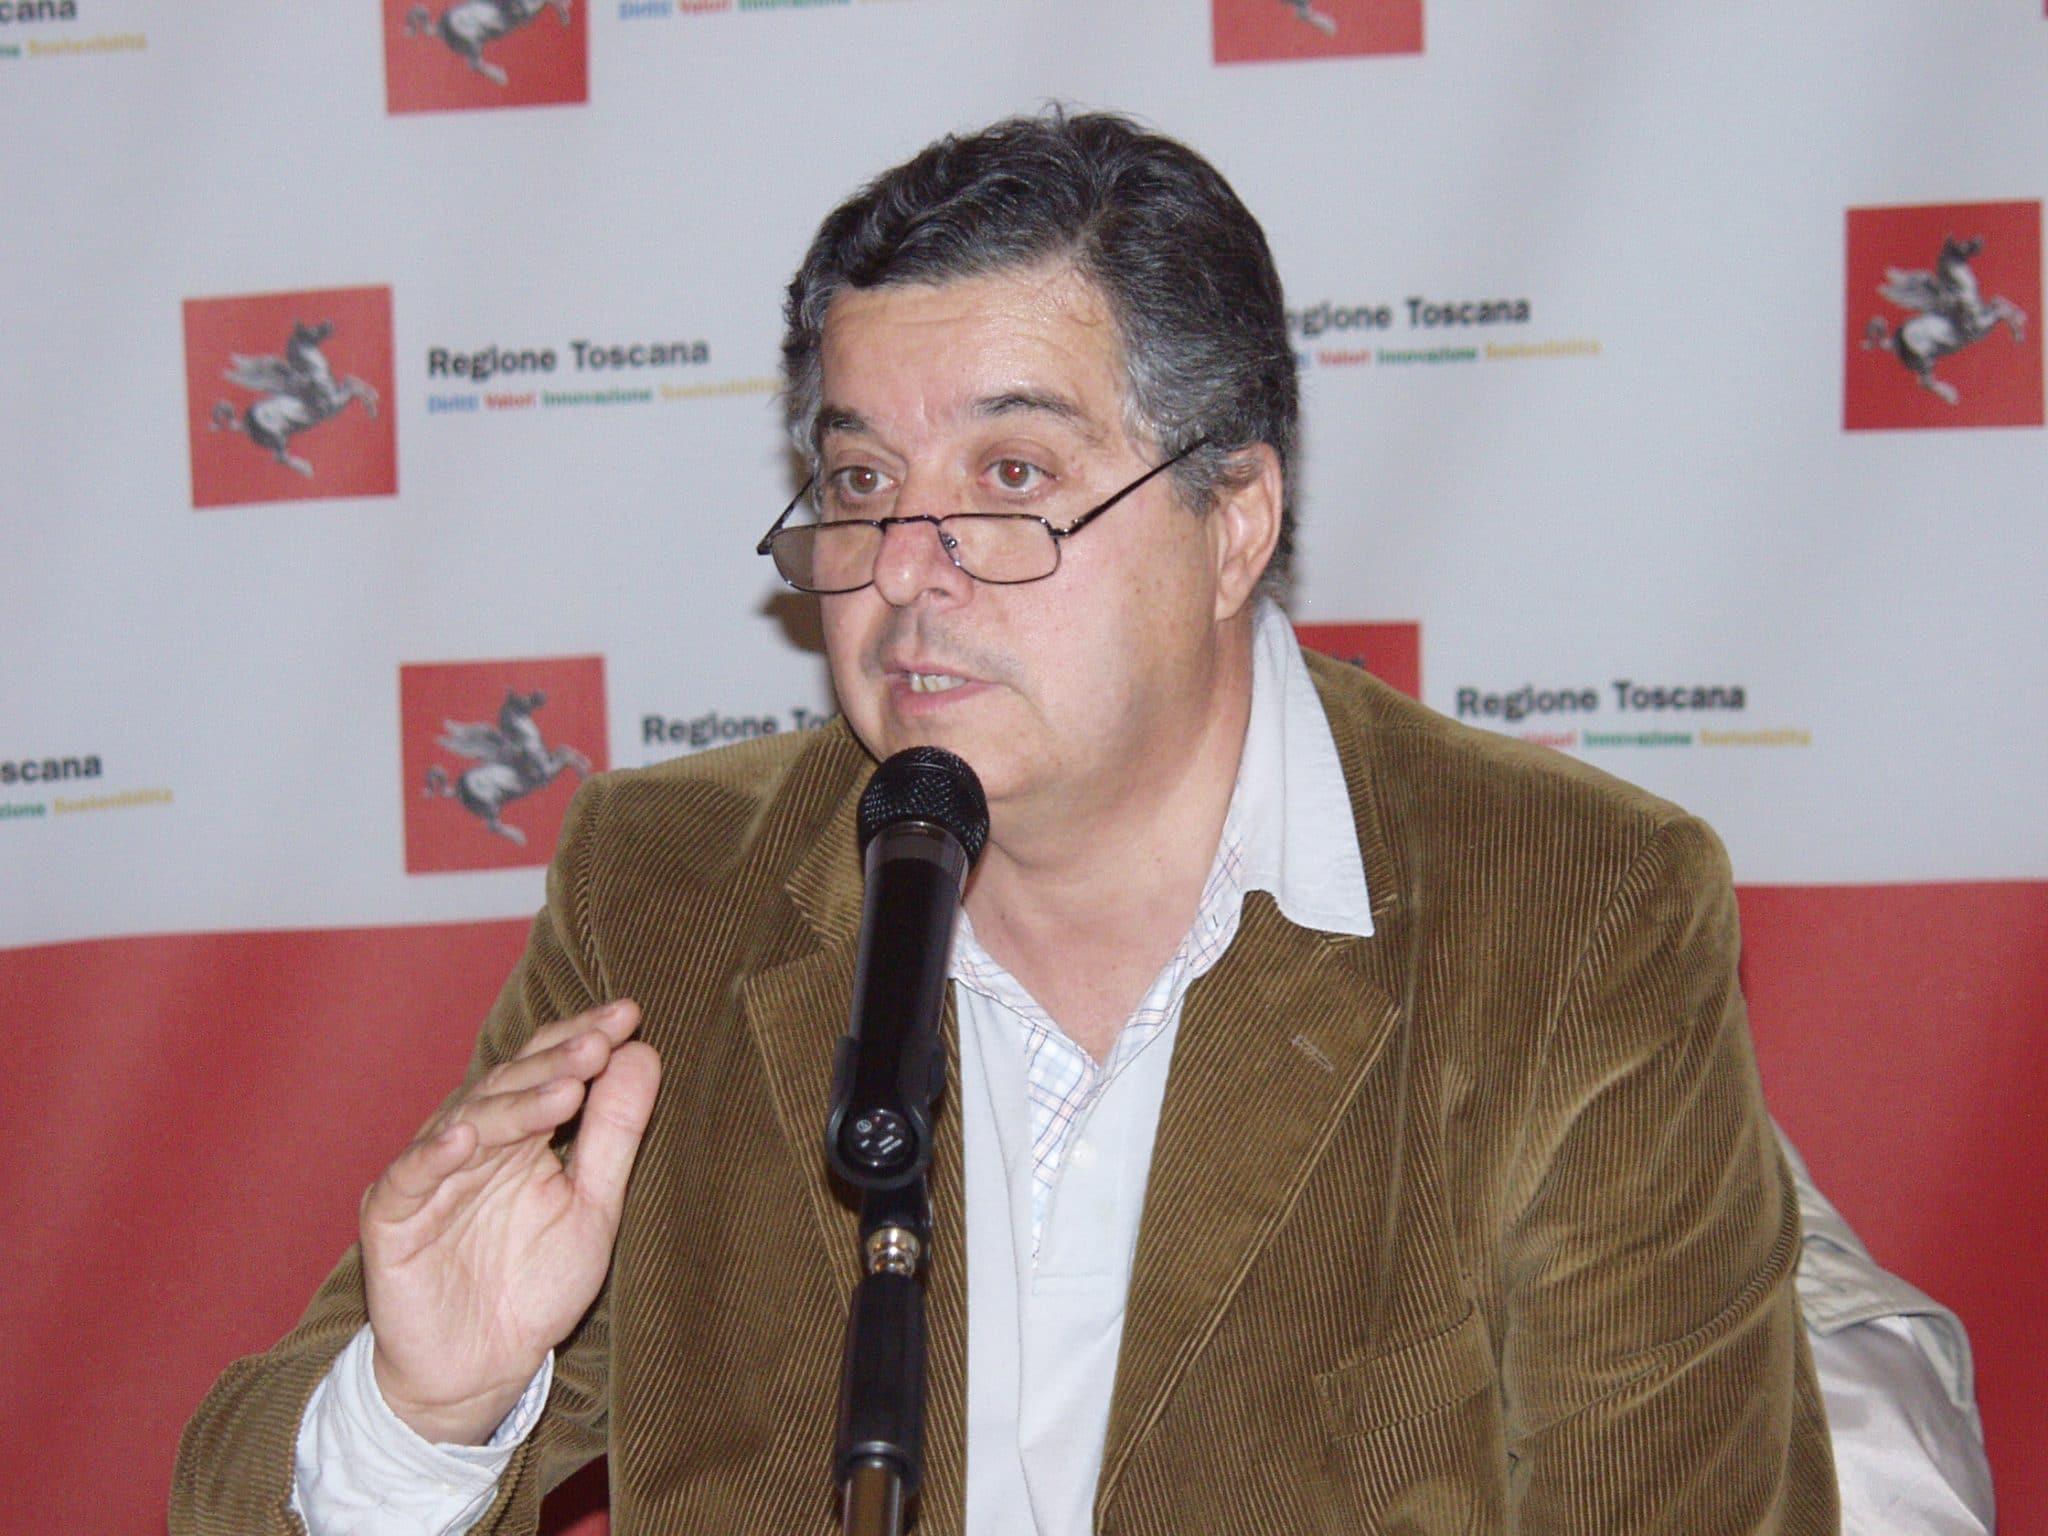 Photo of Agricoltura, Salvadori: Toscana supera obiettivo sui fondi del PSR. Erogati 148 milioni nel 2014